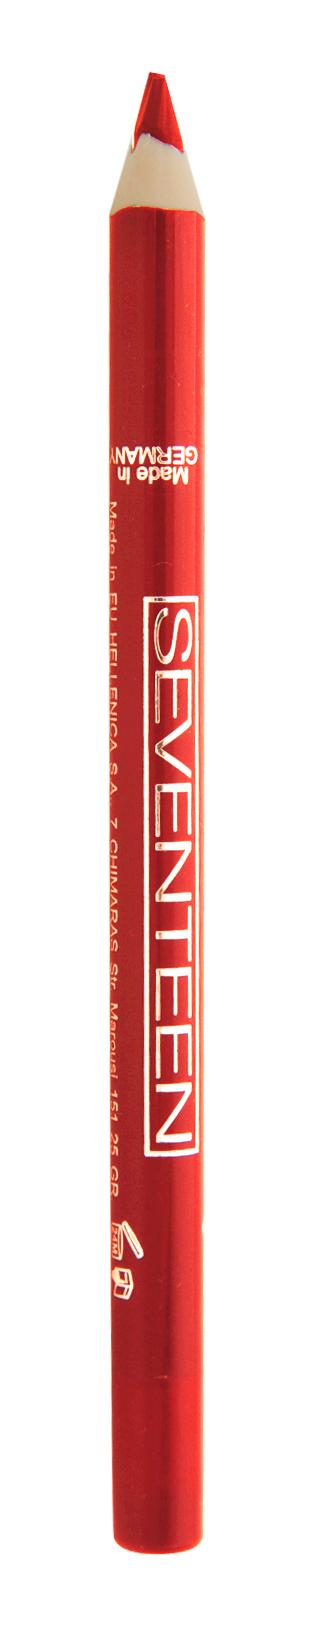 SEVENTEEN Карандаш для губ водостойкий с витамином Е, 27 красный / Super Smooth W/P Lip Liner 1,2 г косметические карандаши seventeen карандаш для губ водостойкий с витамином е super smooth w p lip liner 32